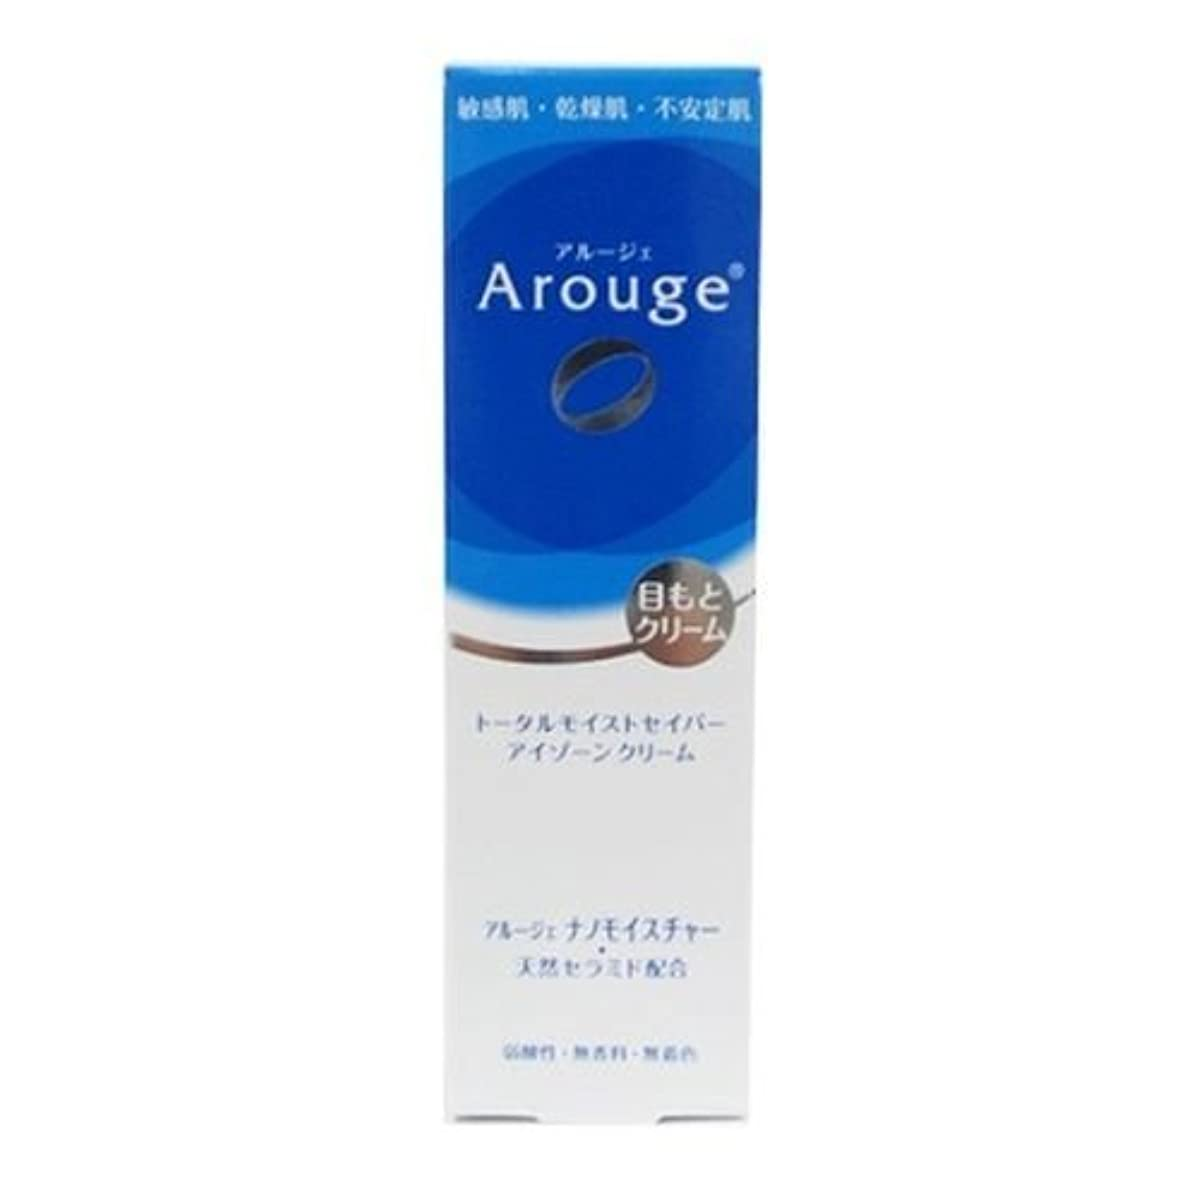 地雷原キリマンジャロ争うアルージェ(Arouge)トータルモイストセイバー アイゾーンクリーム 15g